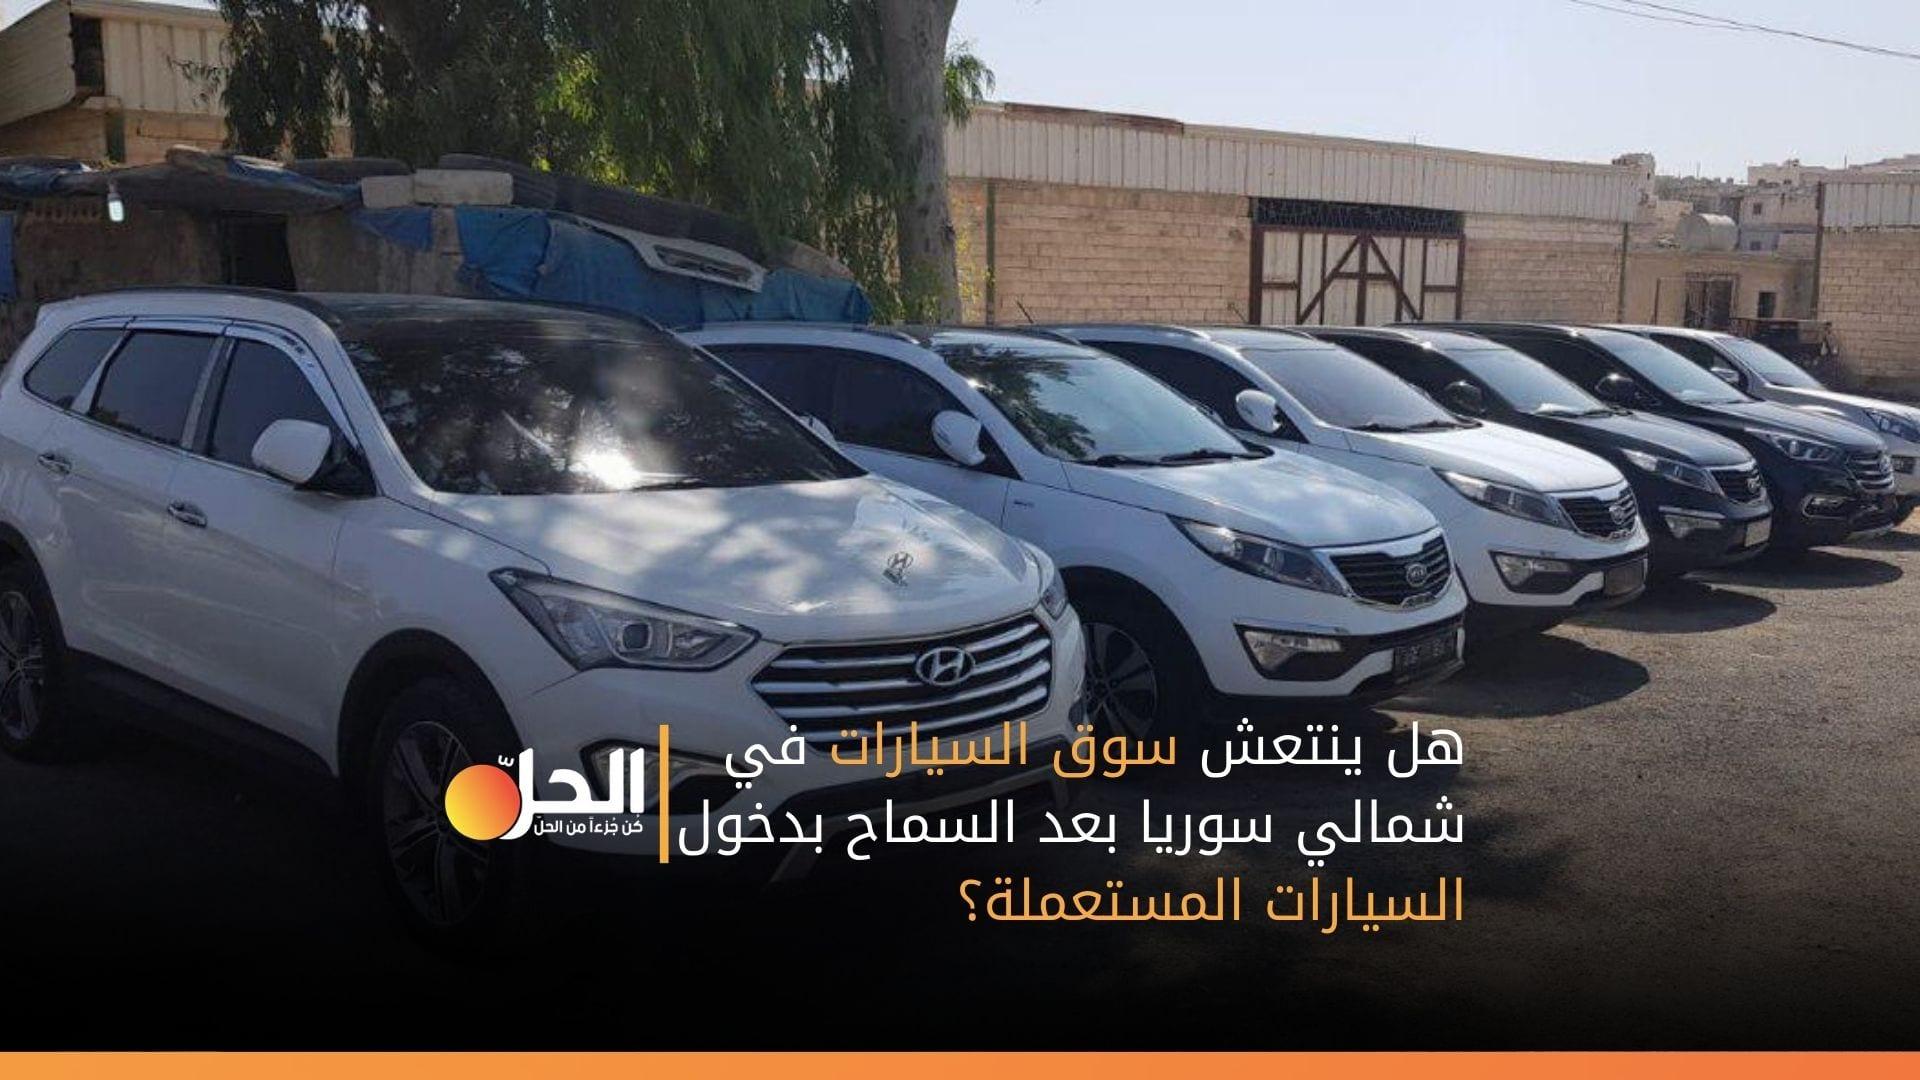 هل ينتعش سوق السيارات في شمالي سوريا بعد السماح بدخول السيارات المستعملة؟